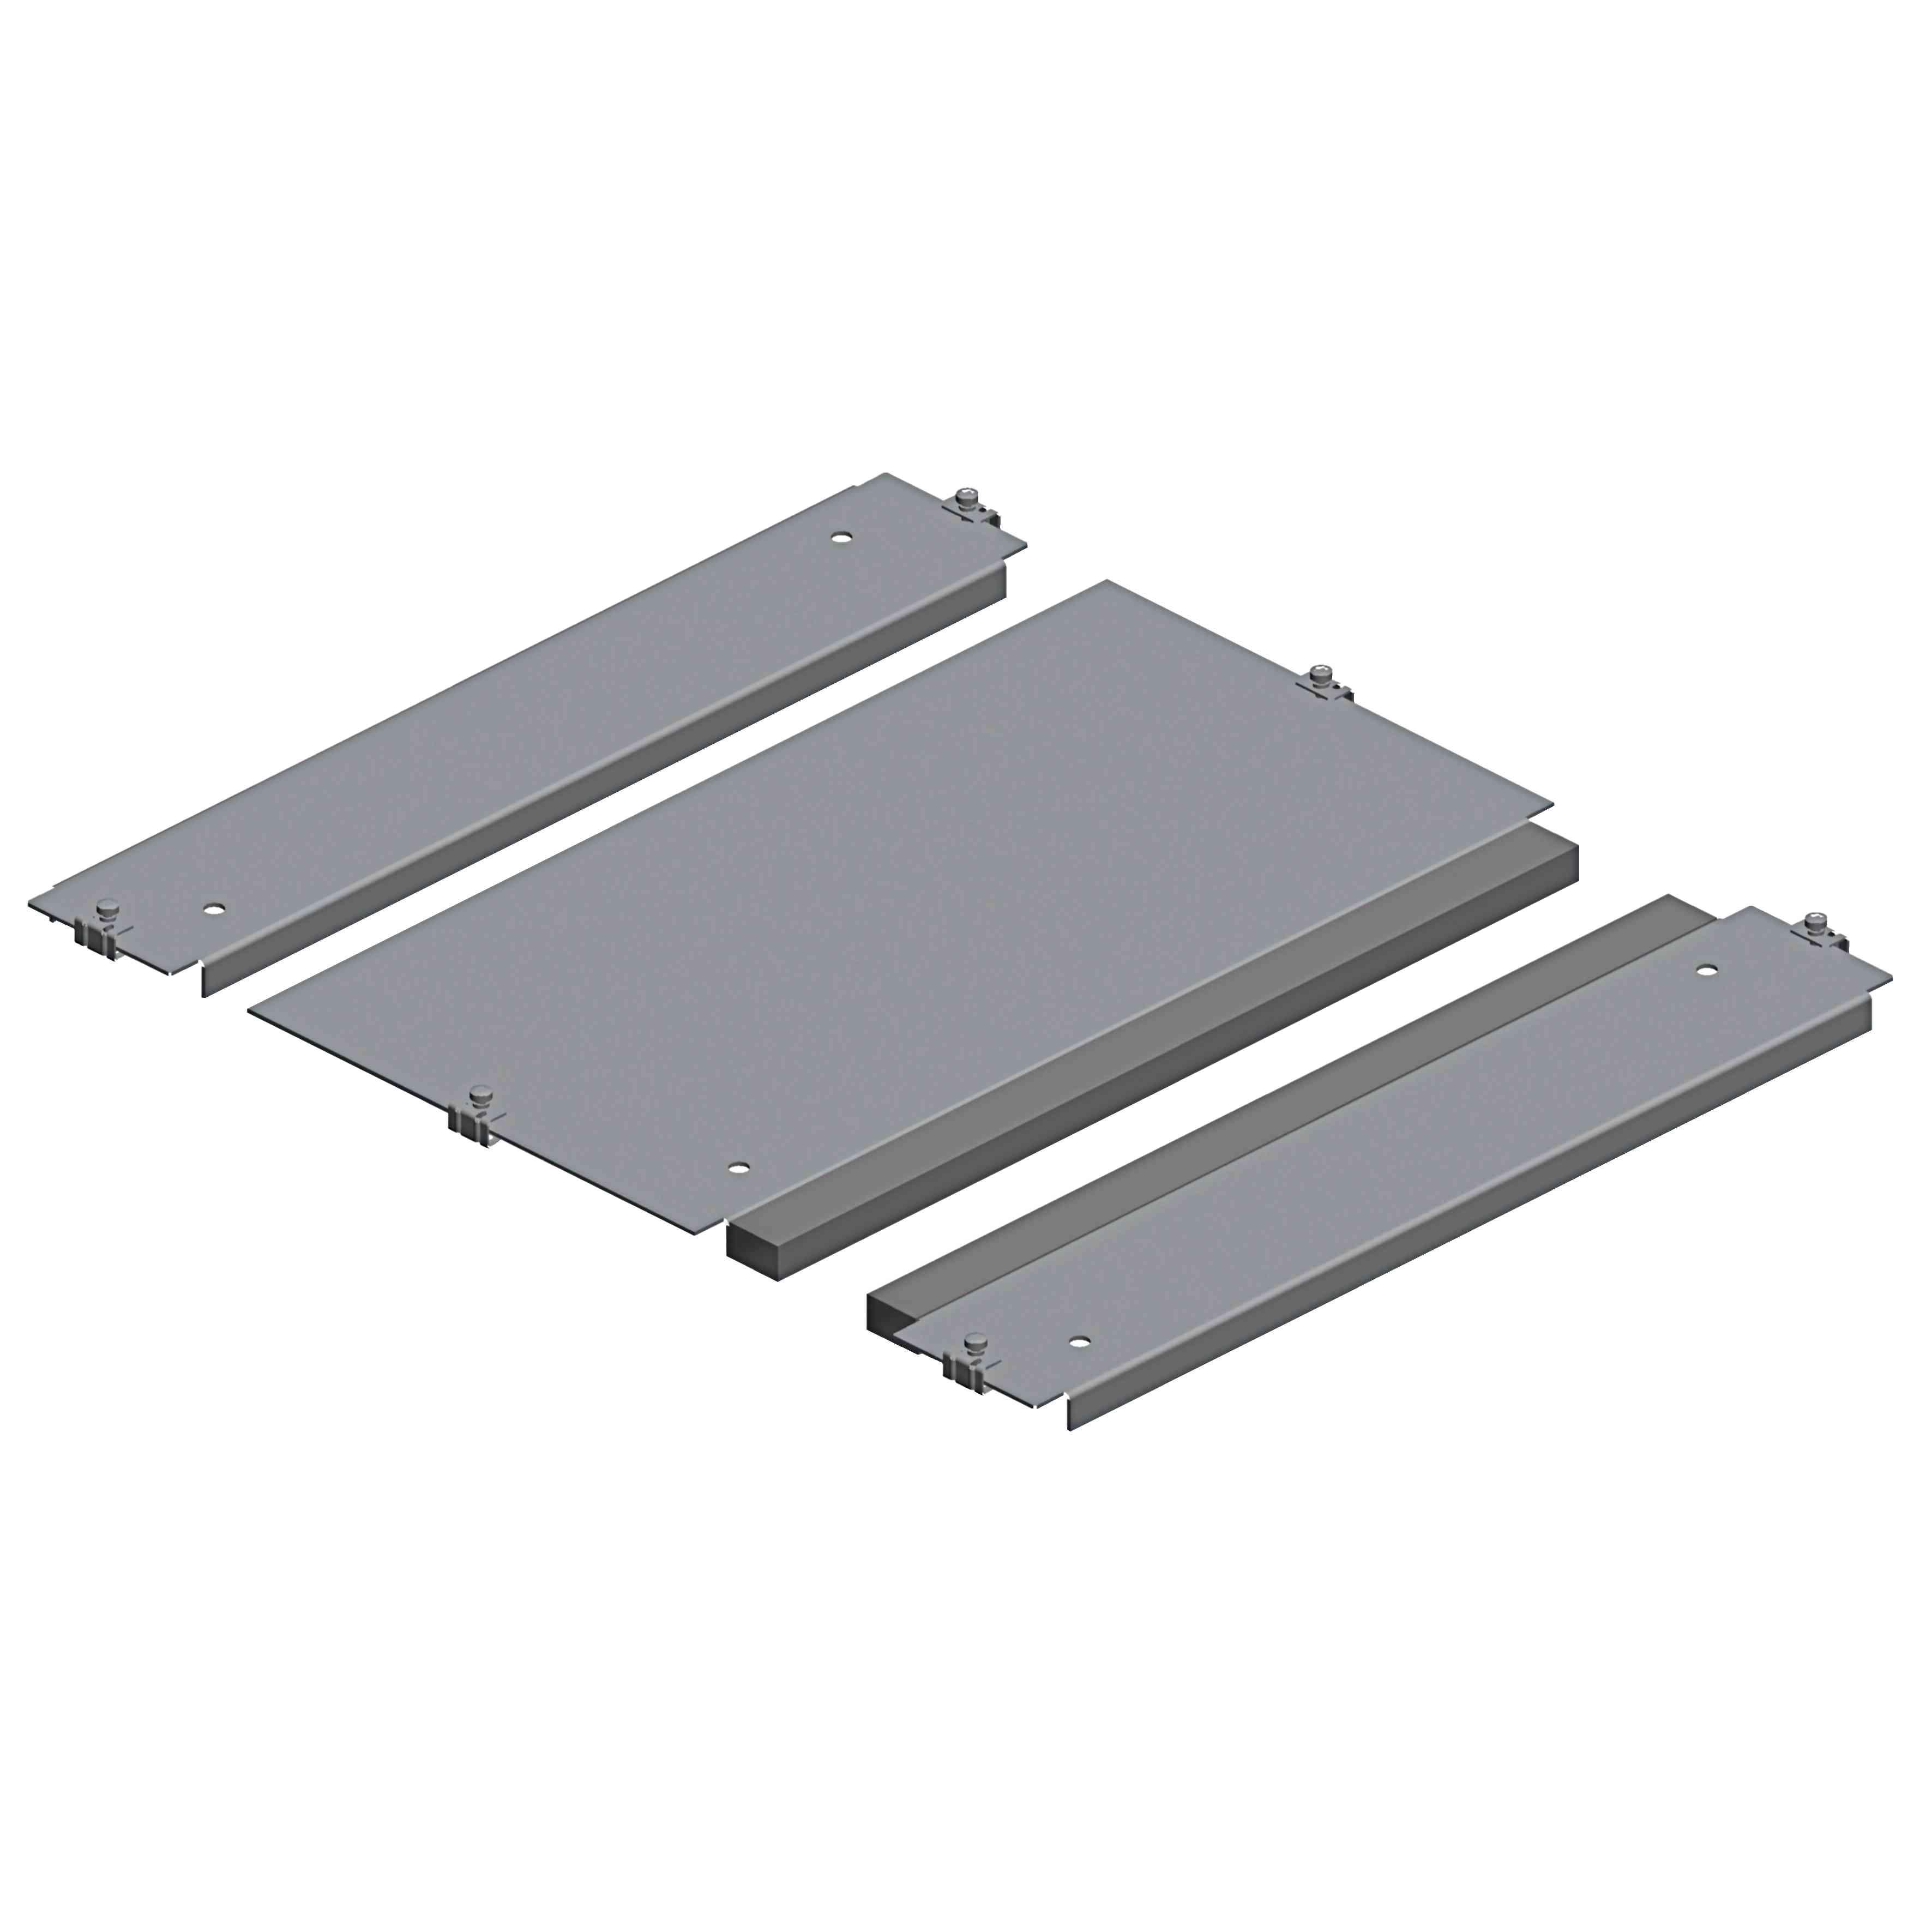 Spacial SF 1 plošča tesnilke vhod. kabla - pritrjena s sponkami - 700 x 500 mm